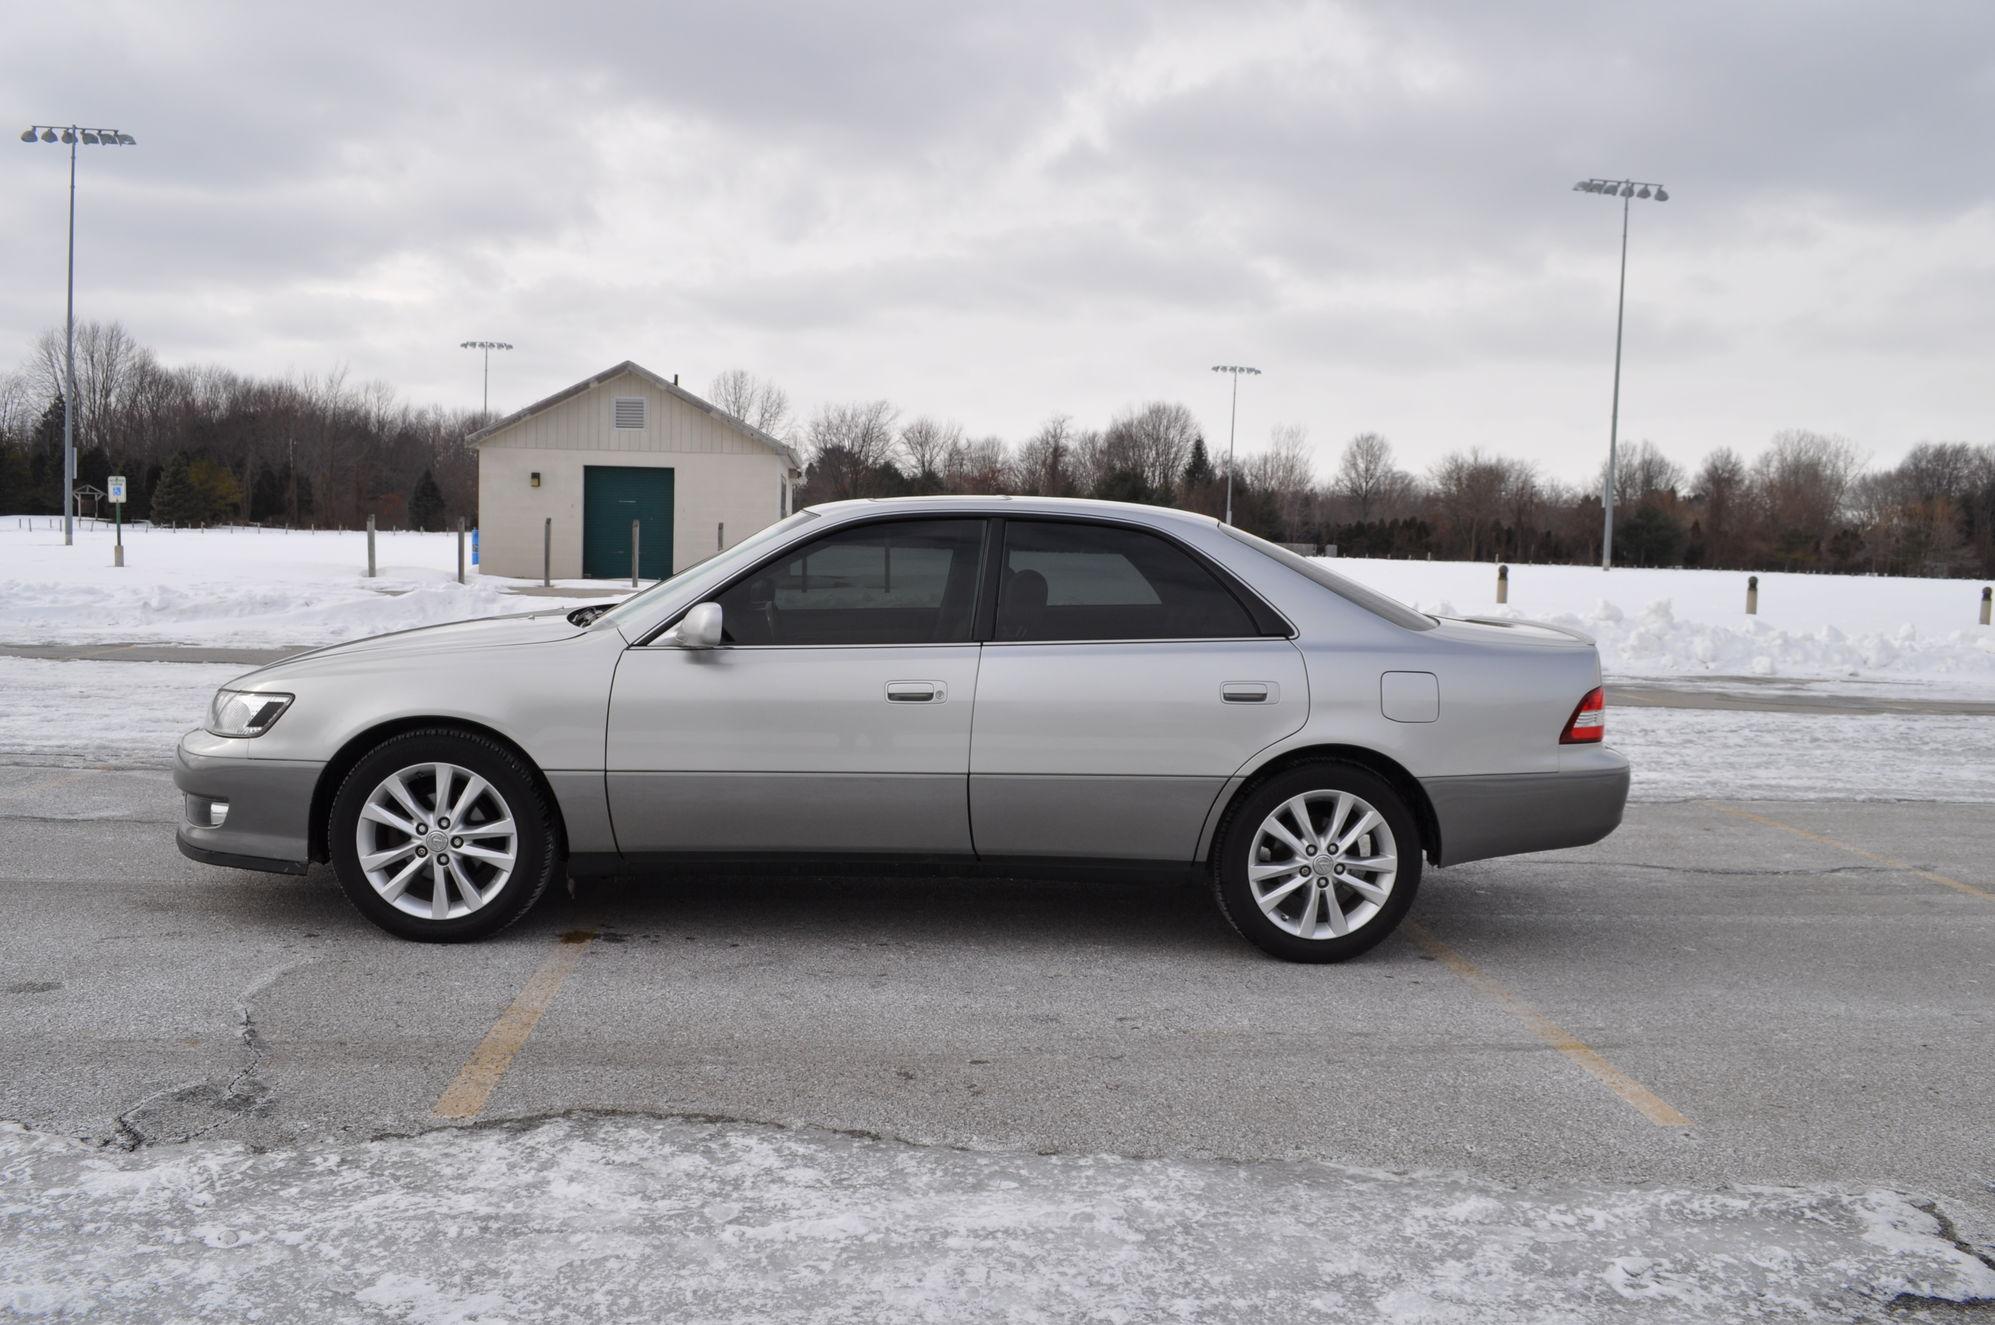 Oh 2001 Lexus Es300 For Sale 162k Miles Clublexus